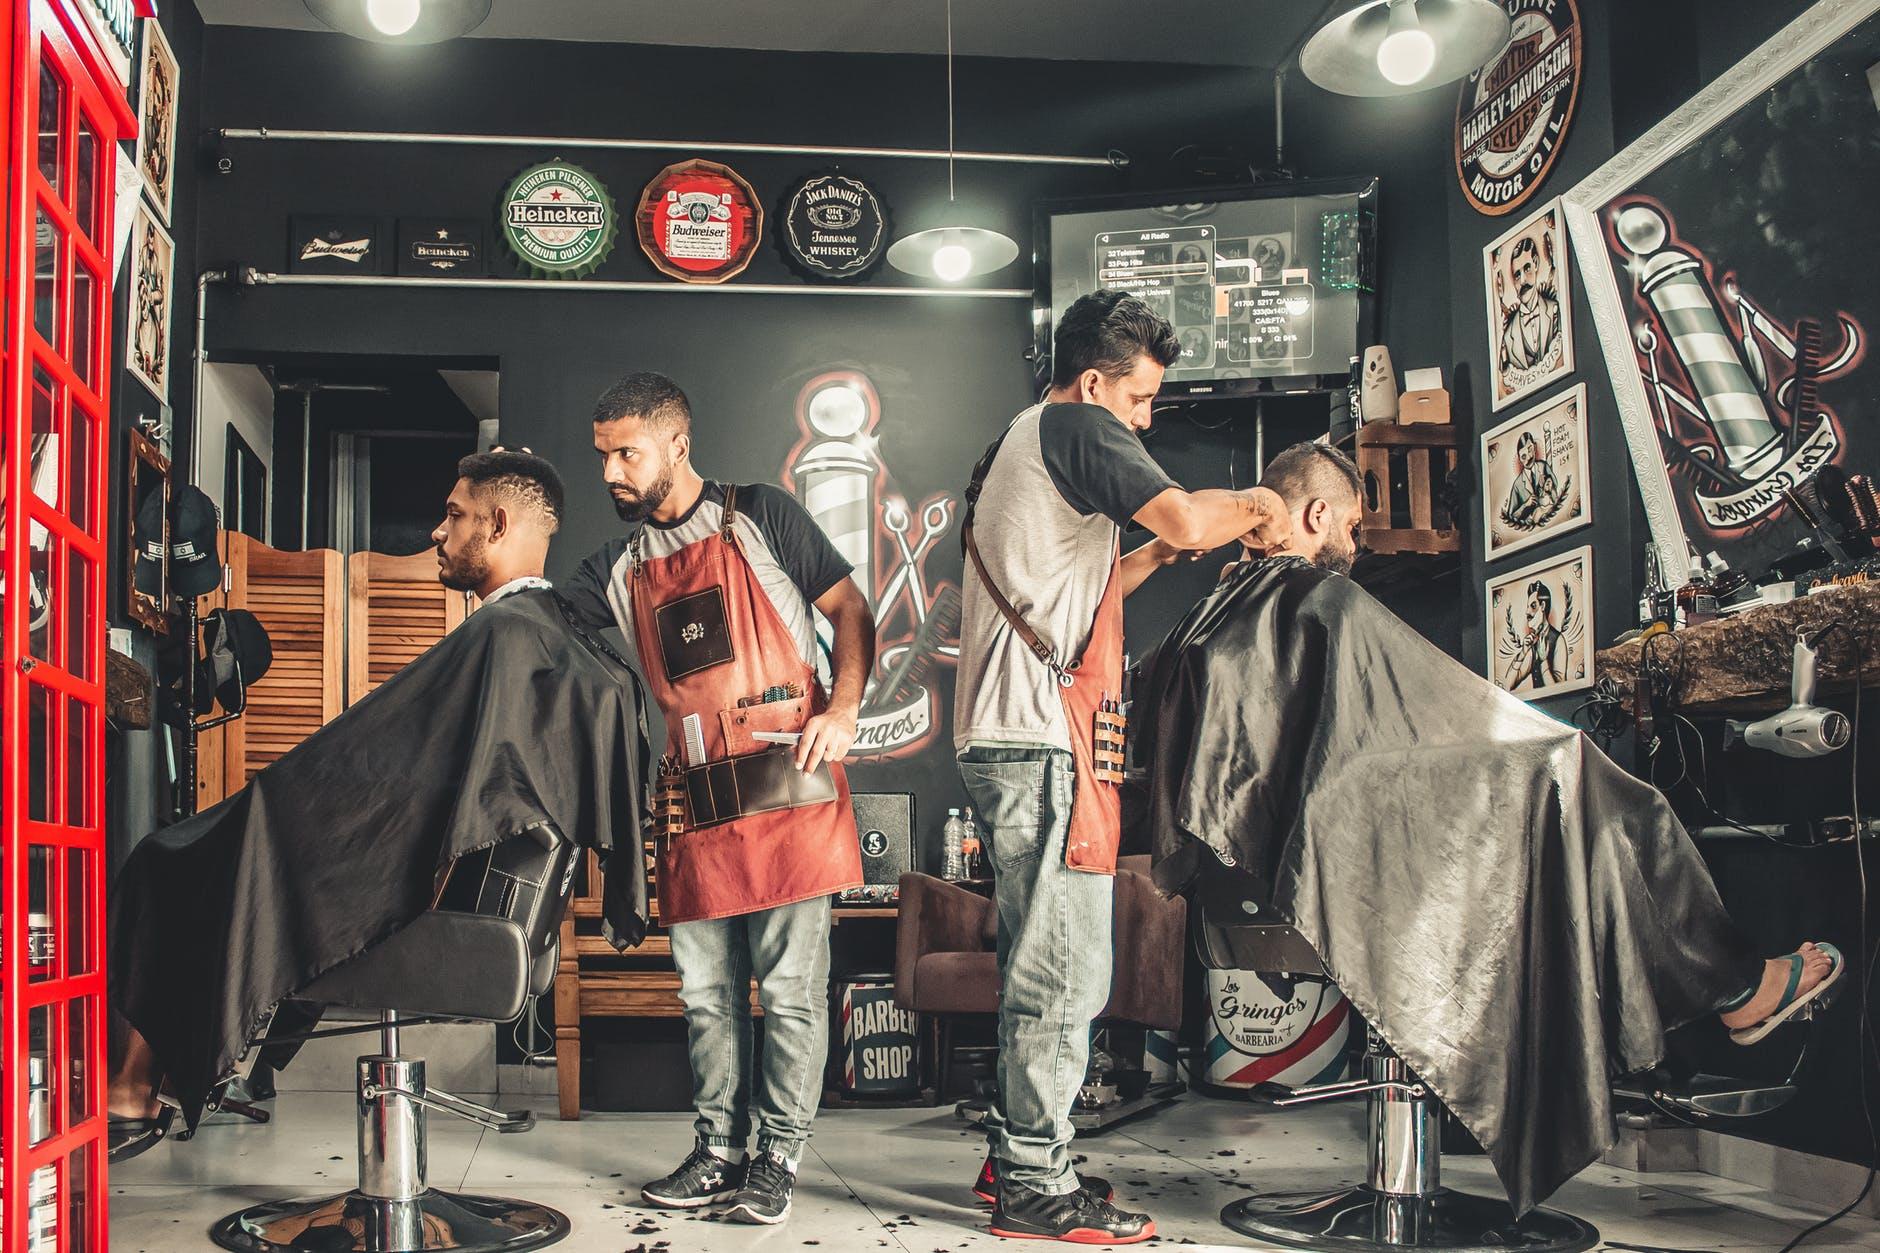 men having their haircut